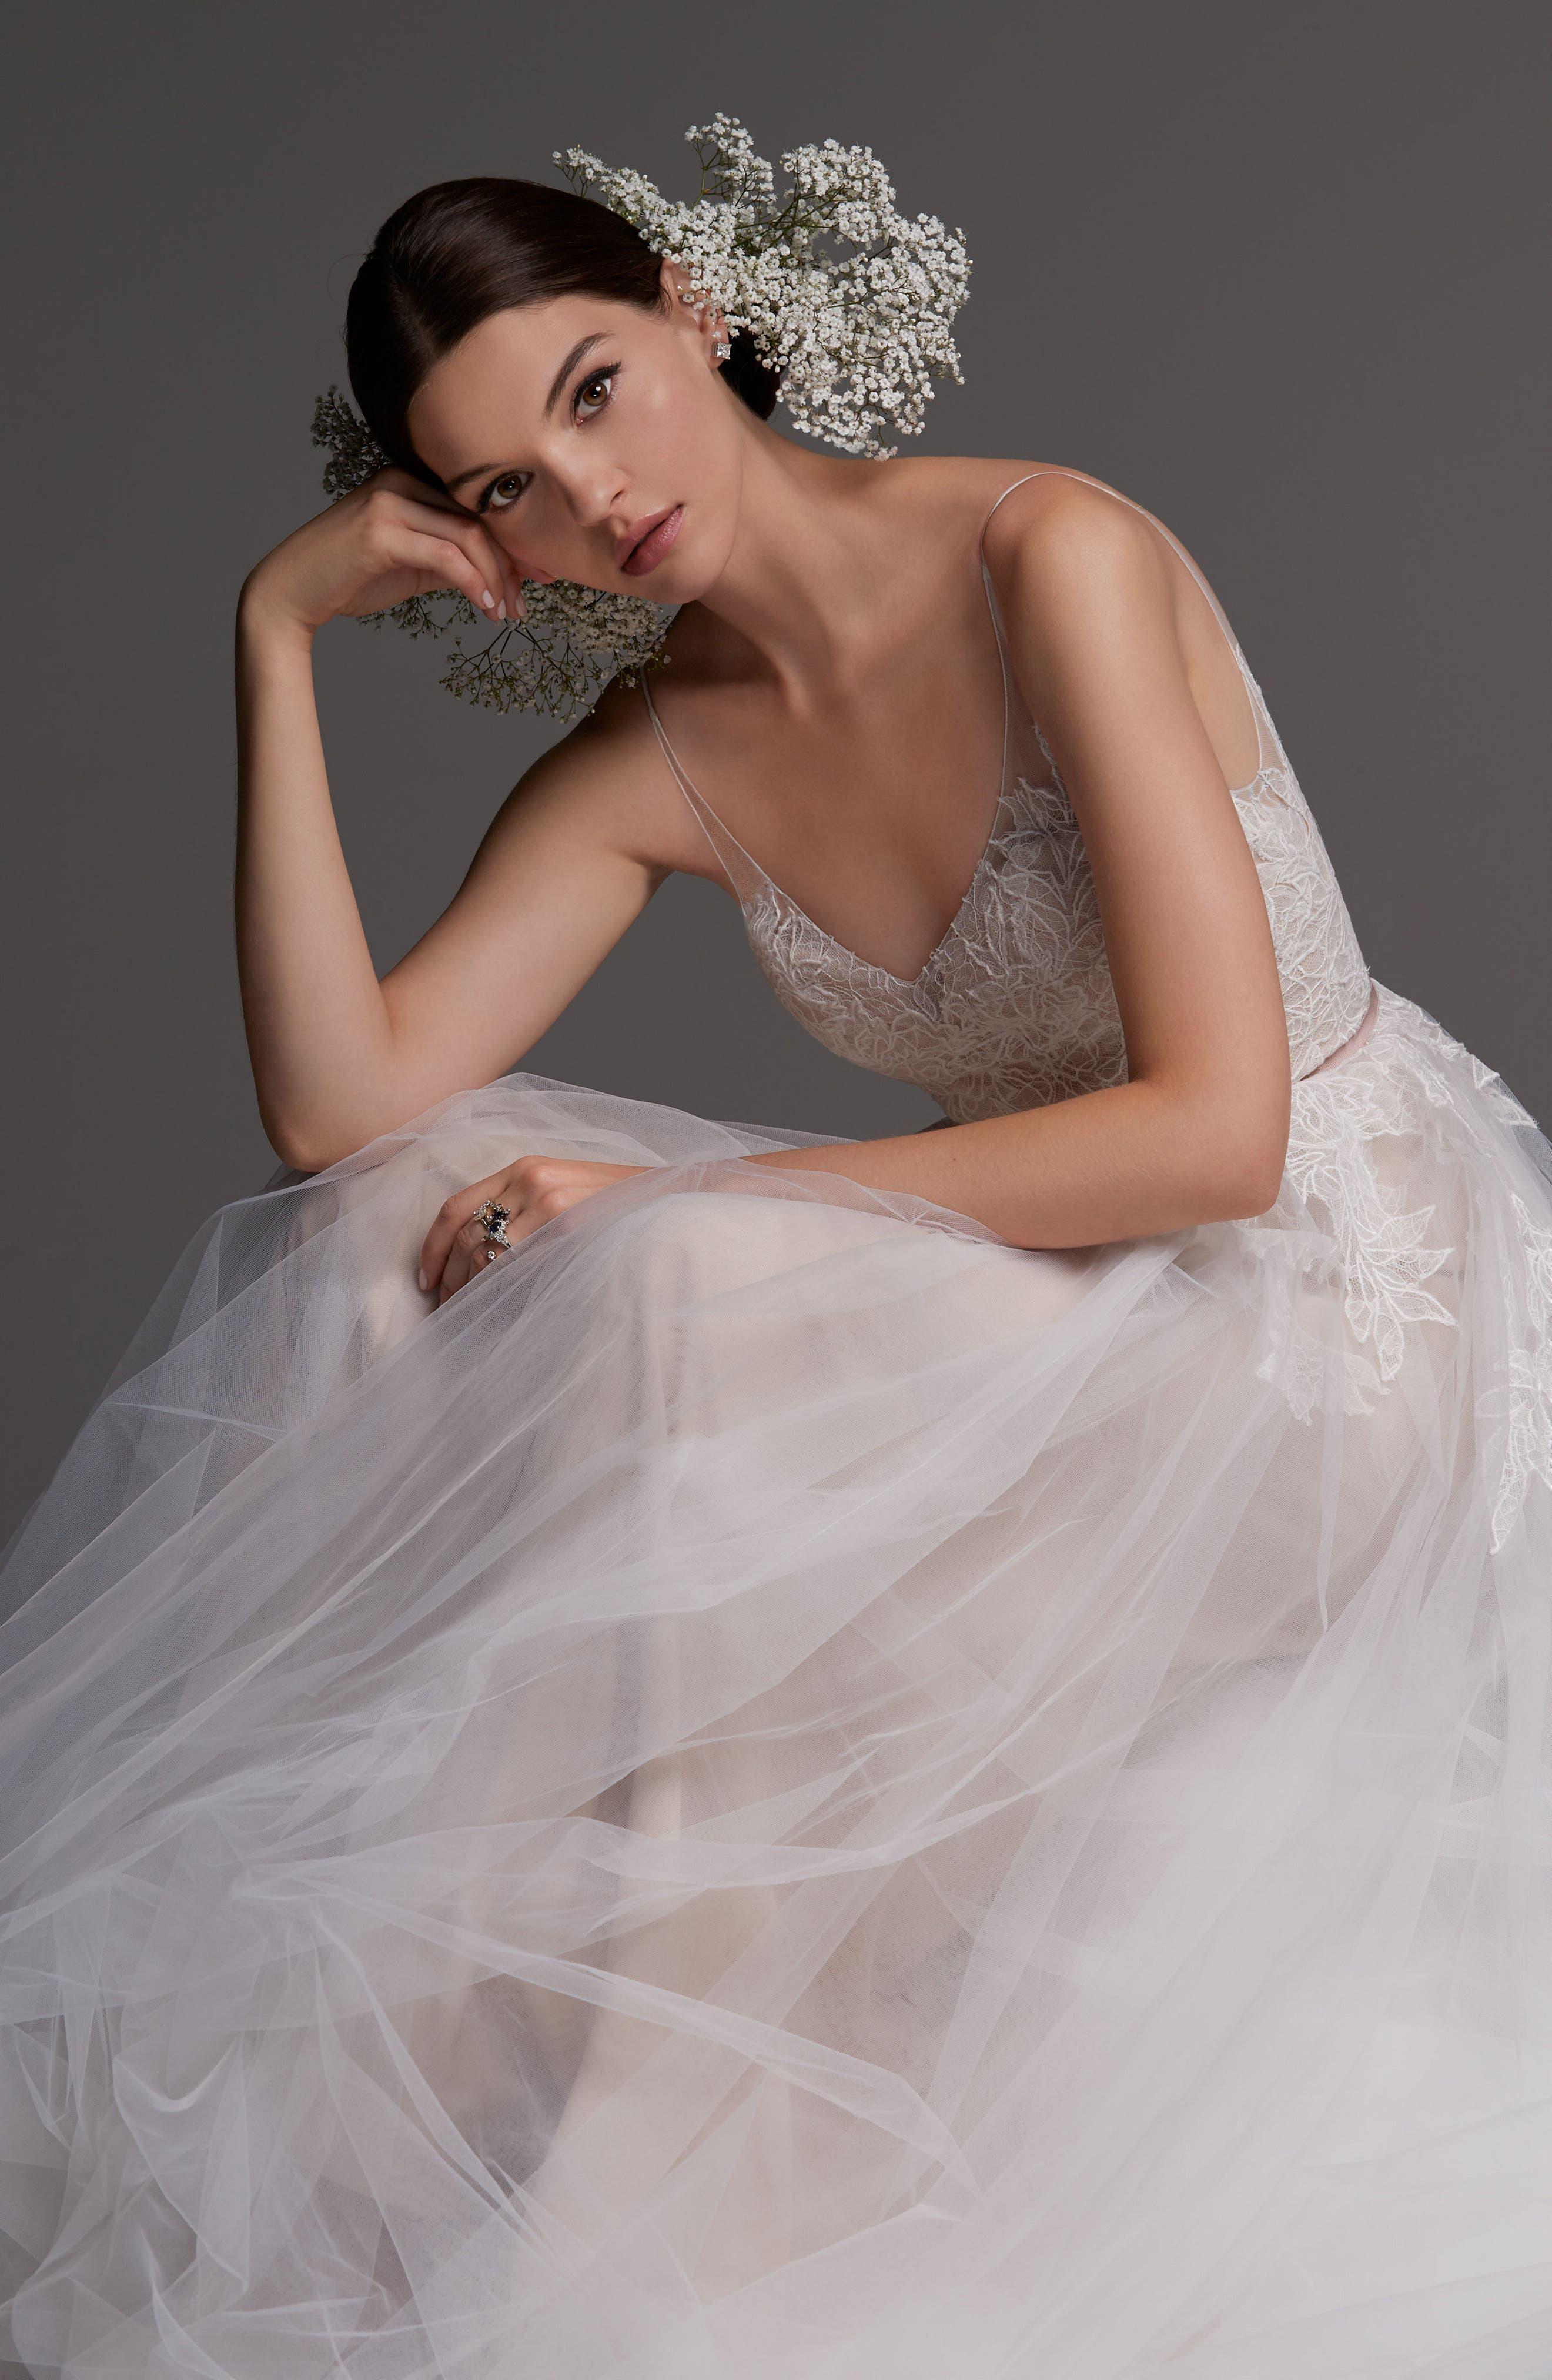 Avignon Lace & Tulle A-Line Gown,                             Alternate thumbnail 3, color,                             IVORY/ BLUSH/ ROSE QUARTZ